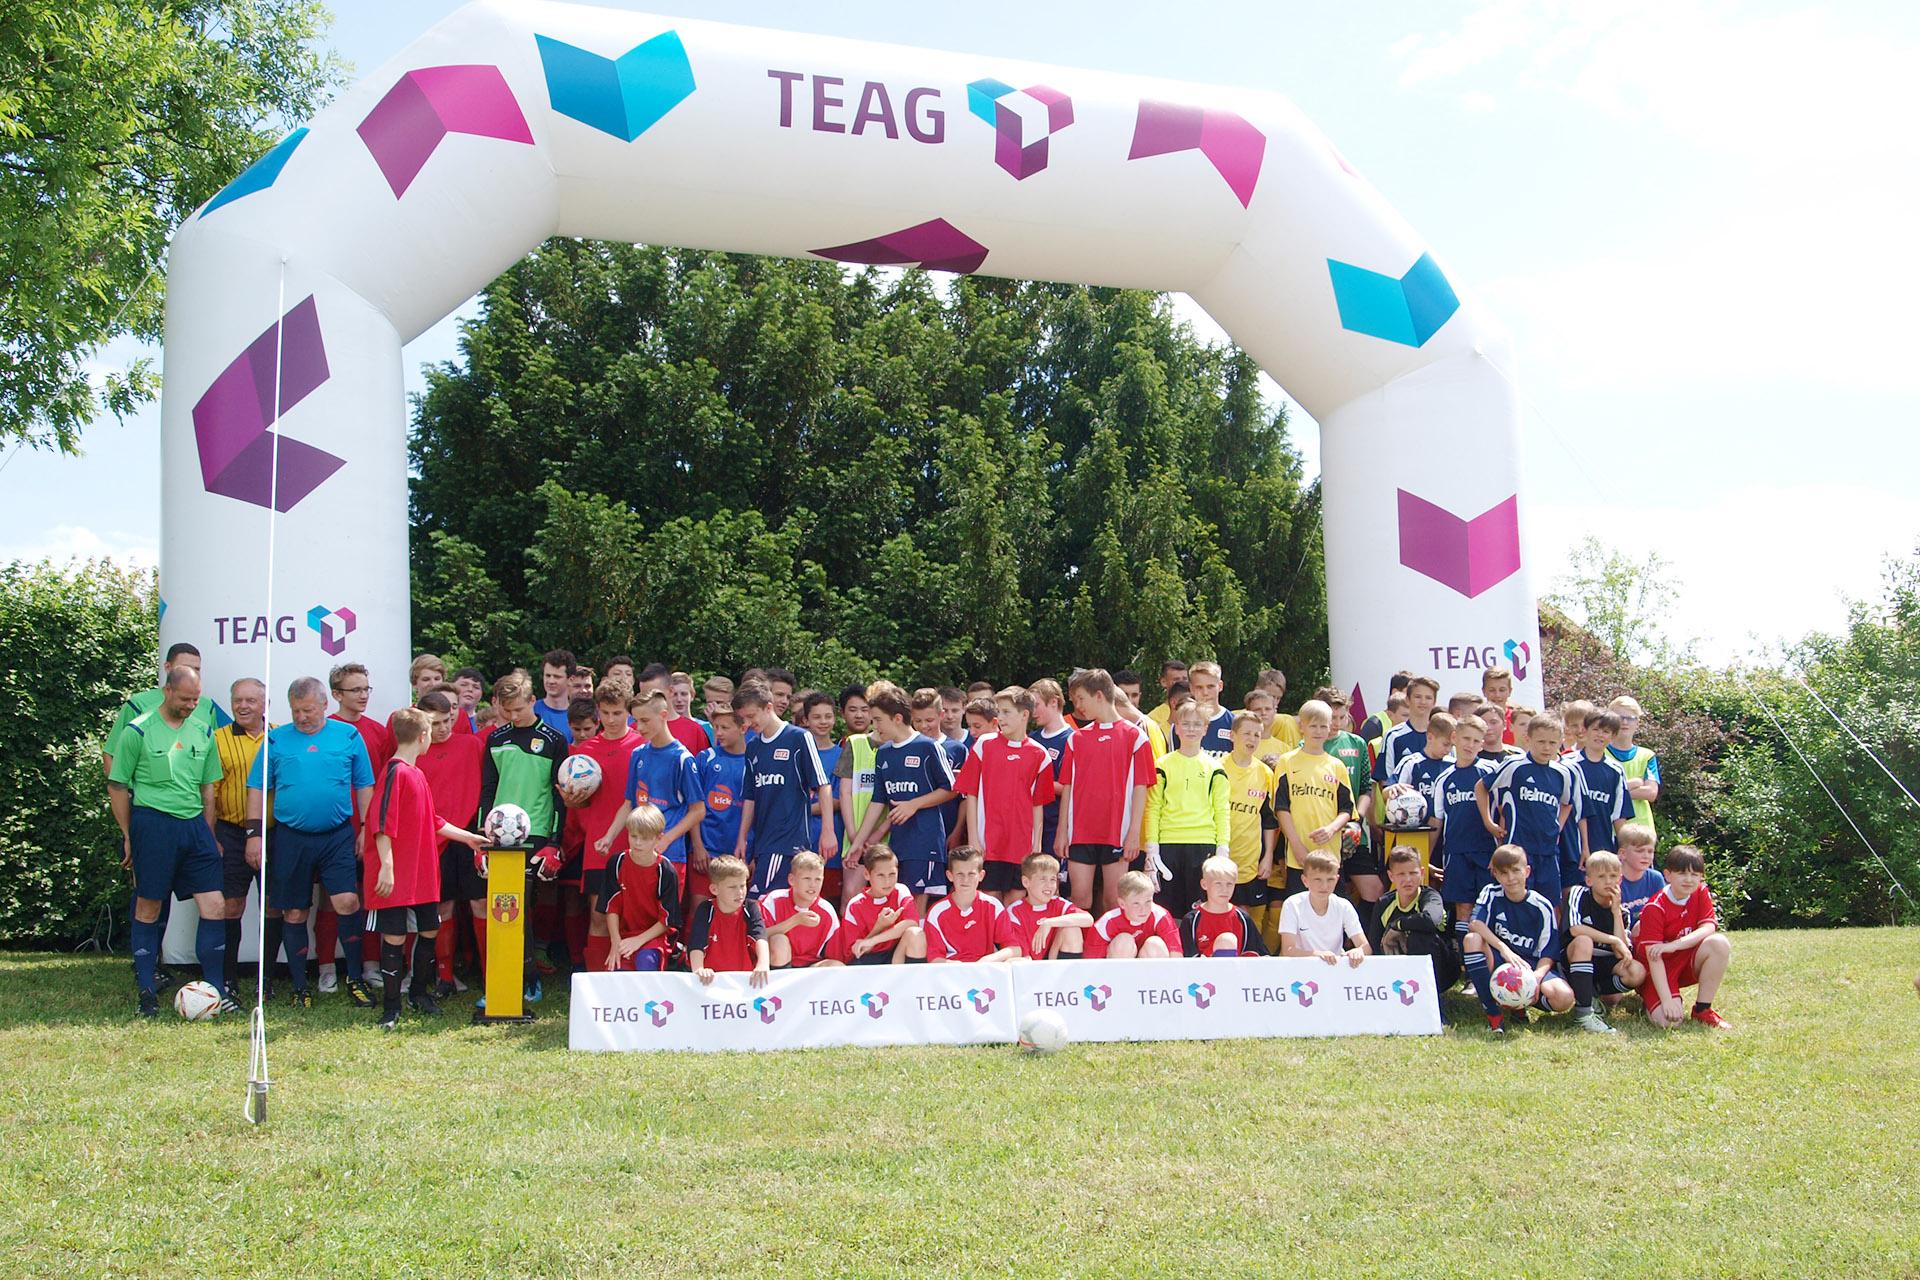 Kreisjugendspiele des Landkreises Greiz 2019: Weidaer und Zeulenrodaer Jungen siegten in Fußballturnieren